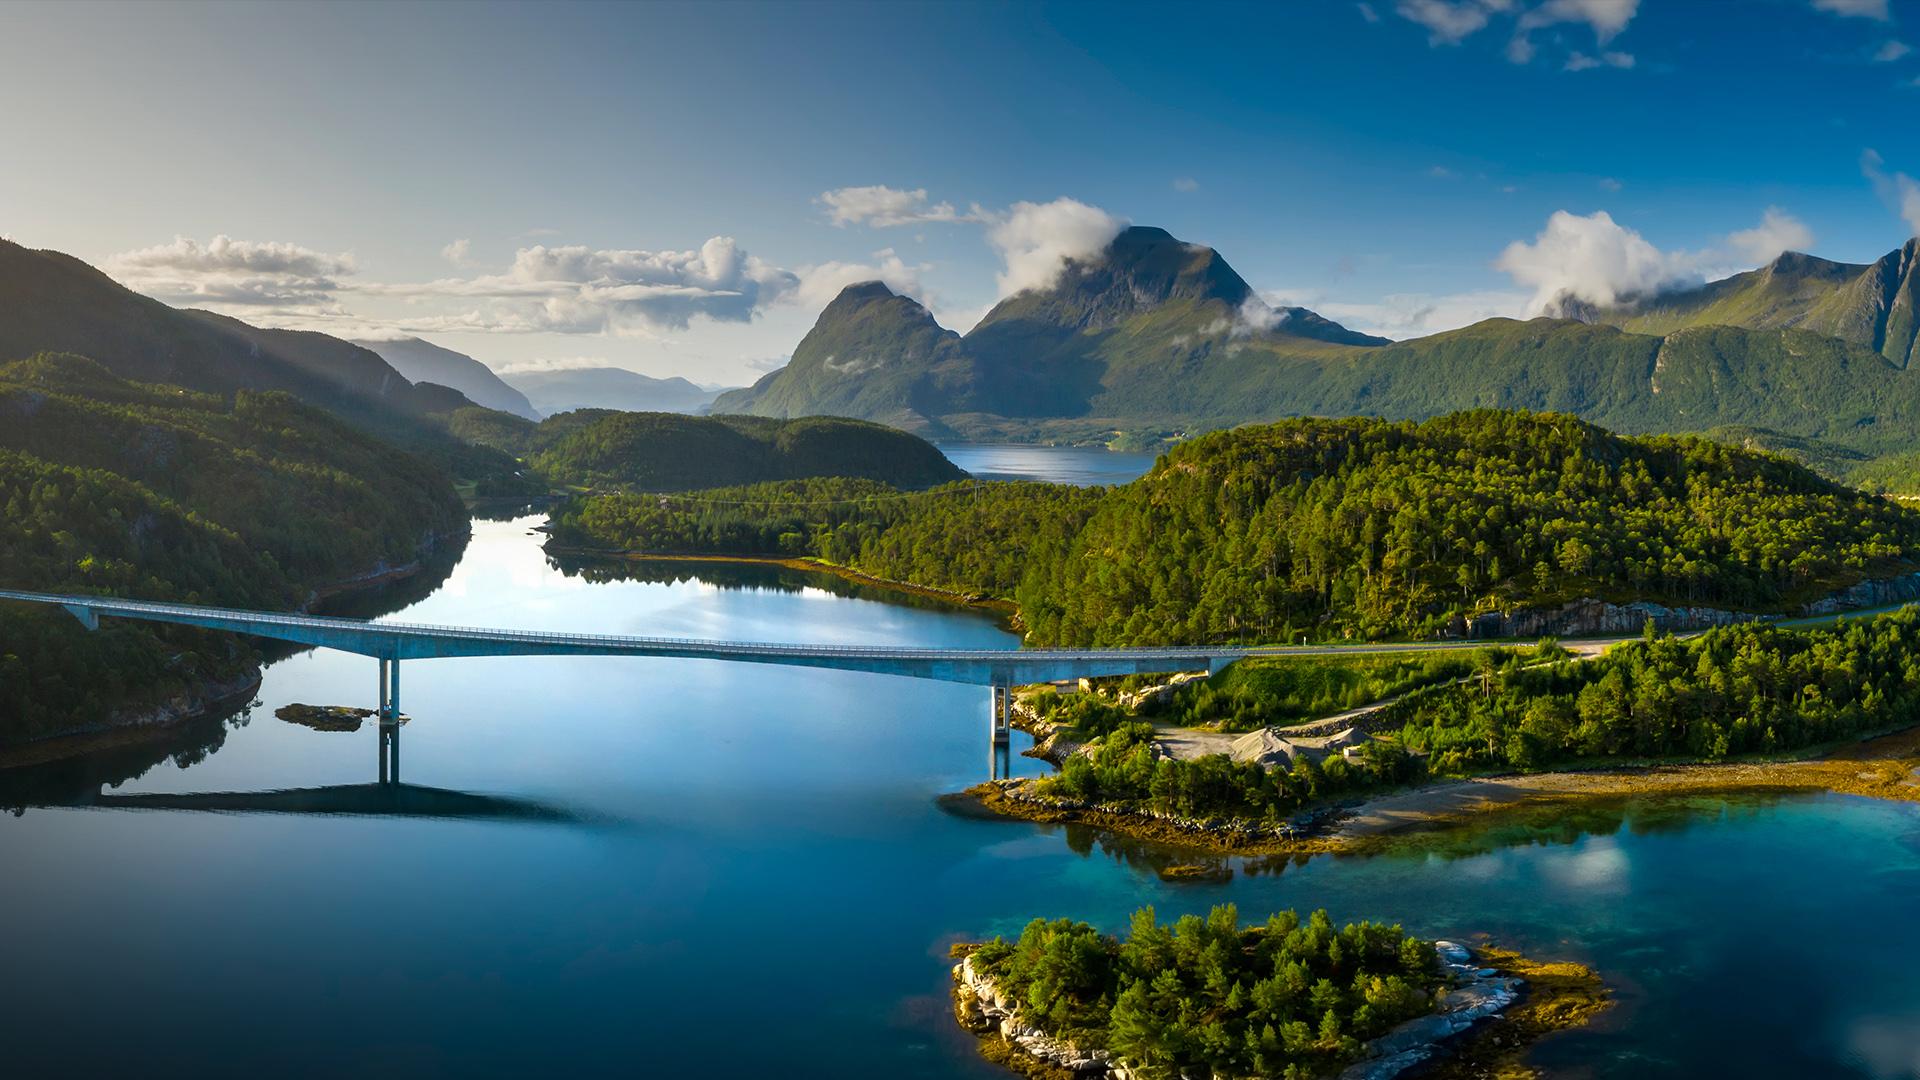 Slide 17 of 41: Beautiful Norwegian fjord at sunrise. Aerial view